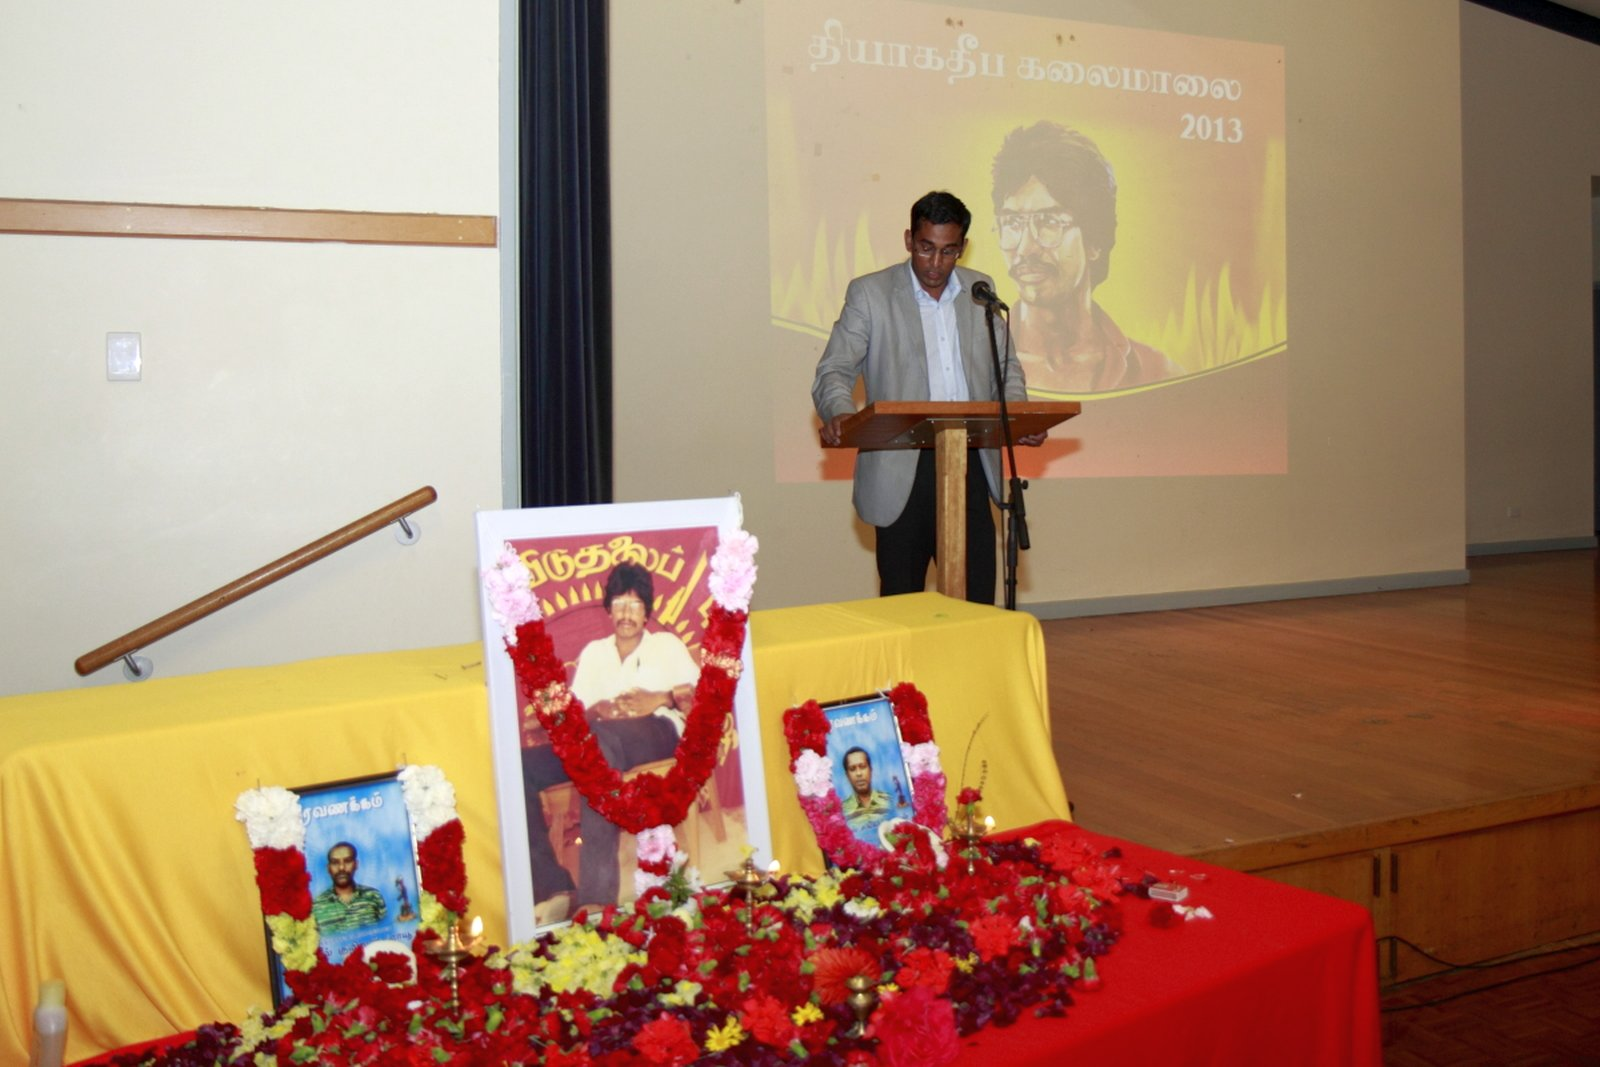 மெல்பேர்னில் உணர்வுபூர்வமாக நடைபெற்ற தியாக தீபம் திலீபன் நினைவு கலைமாலை Thiyaki Thileepan Event Melb 06